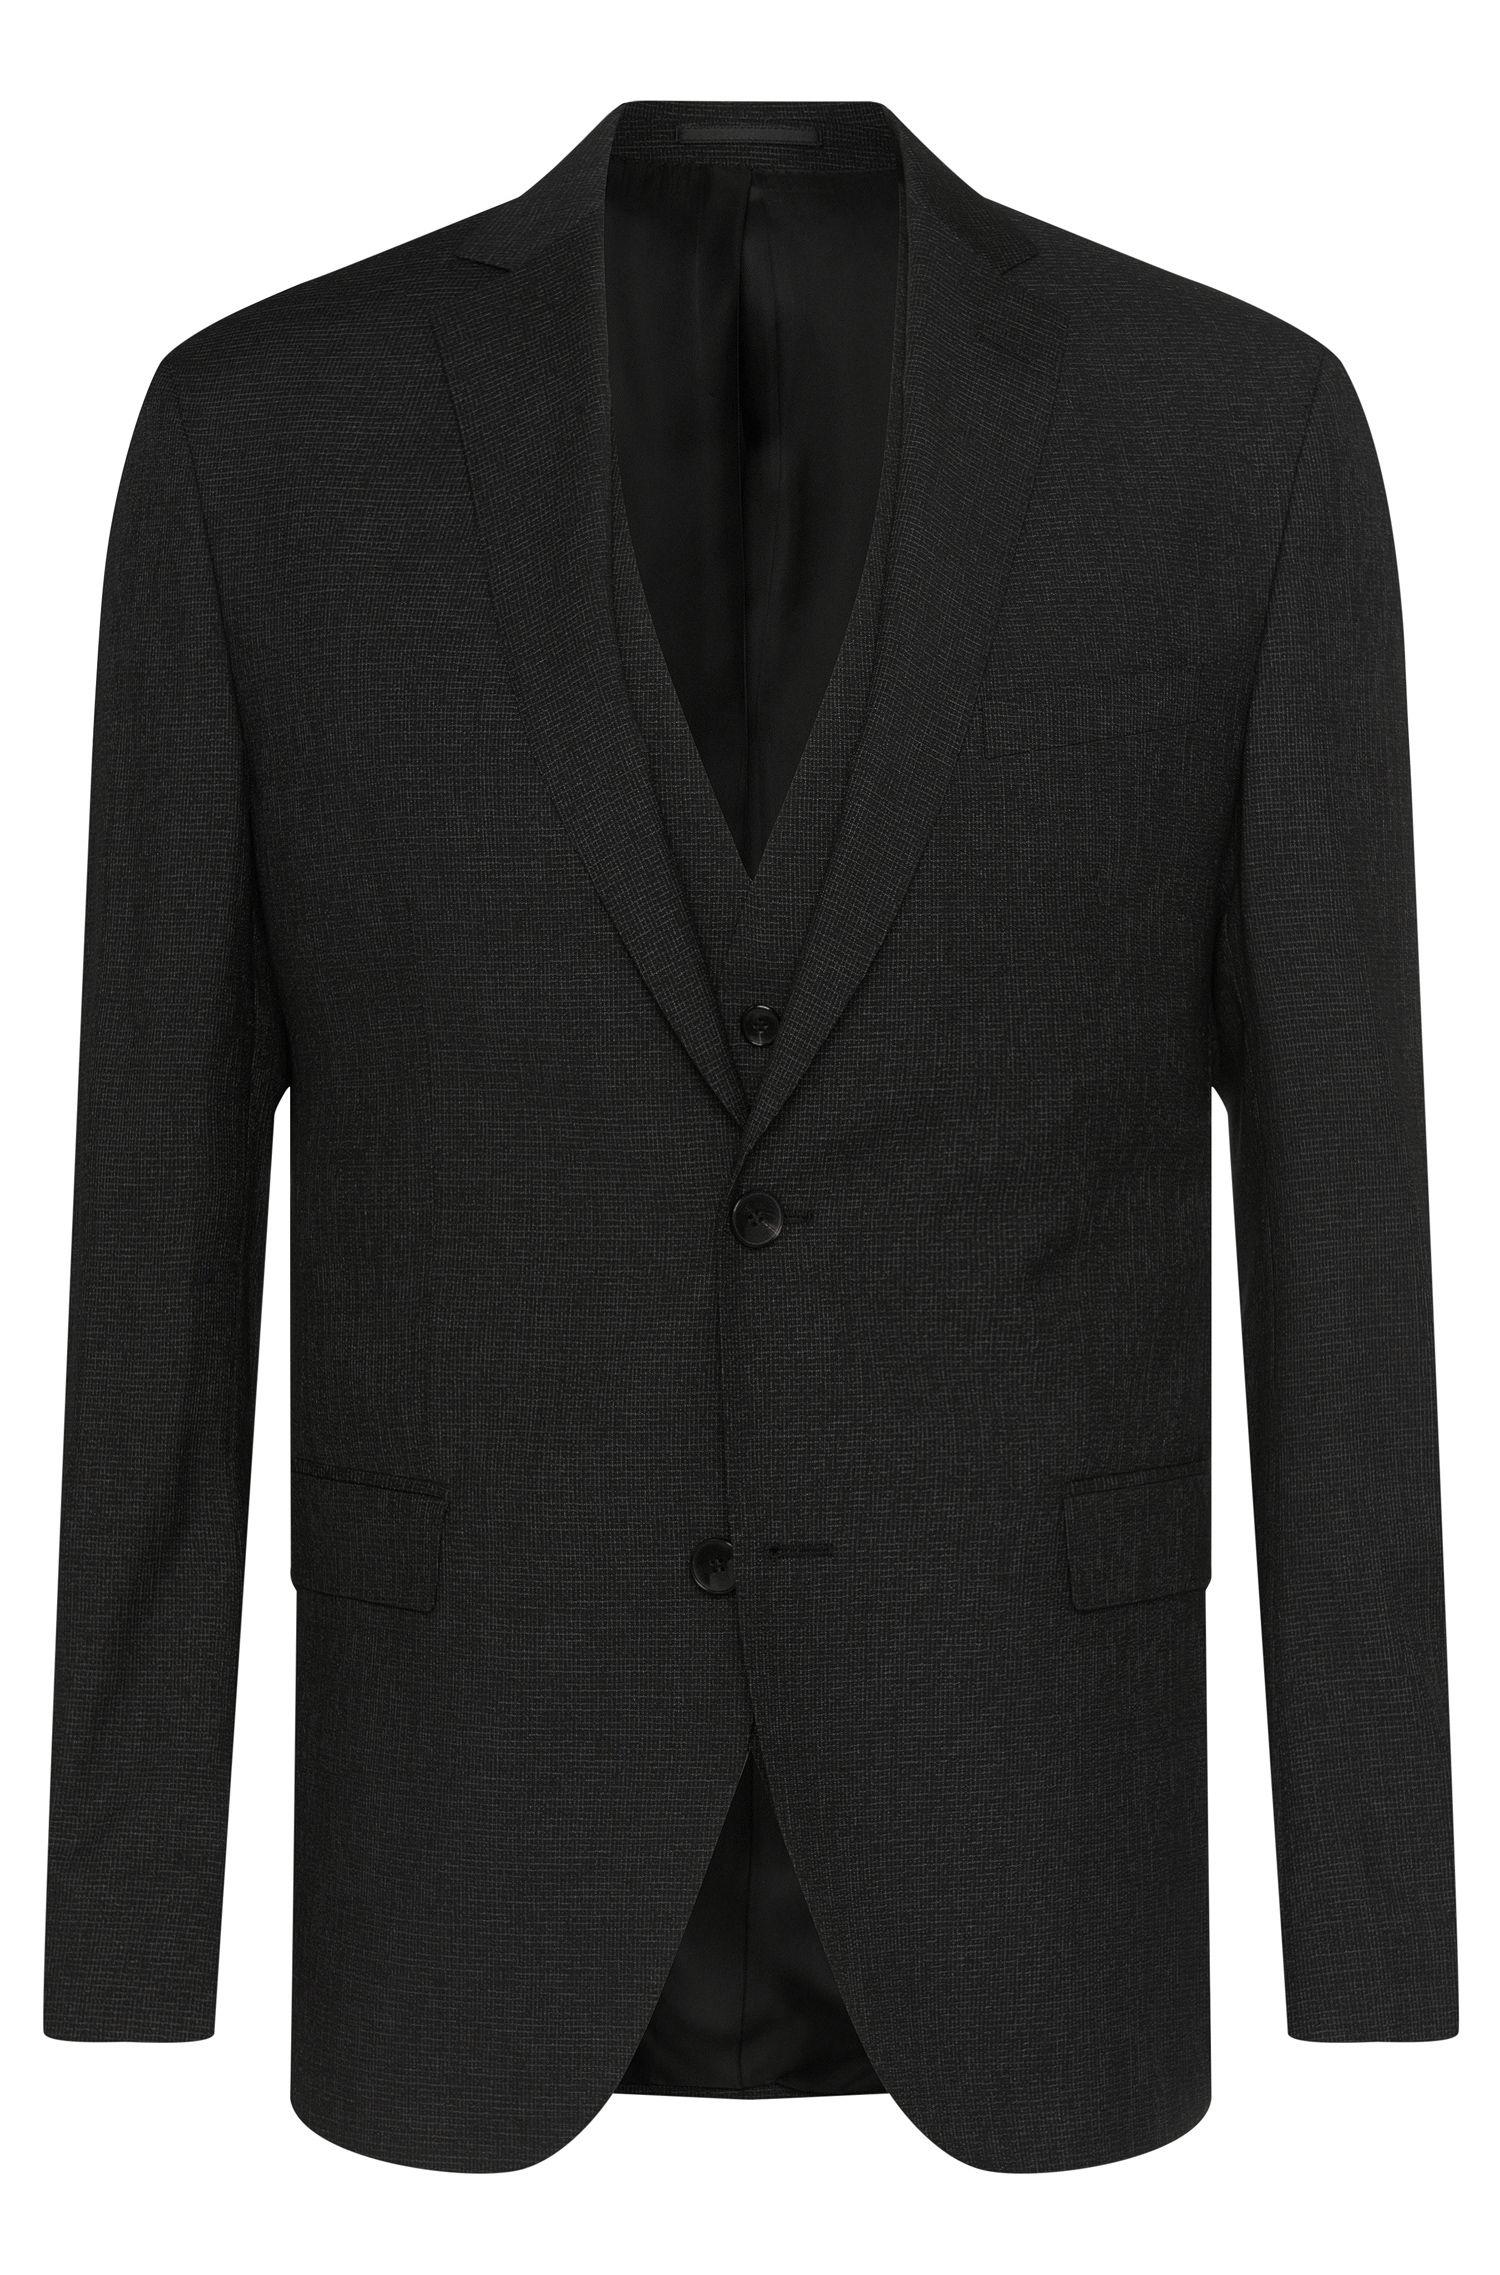 Wool-Silk 3-Piece Suit, Extra Slim Fit | Reyno/Wave WE, Black